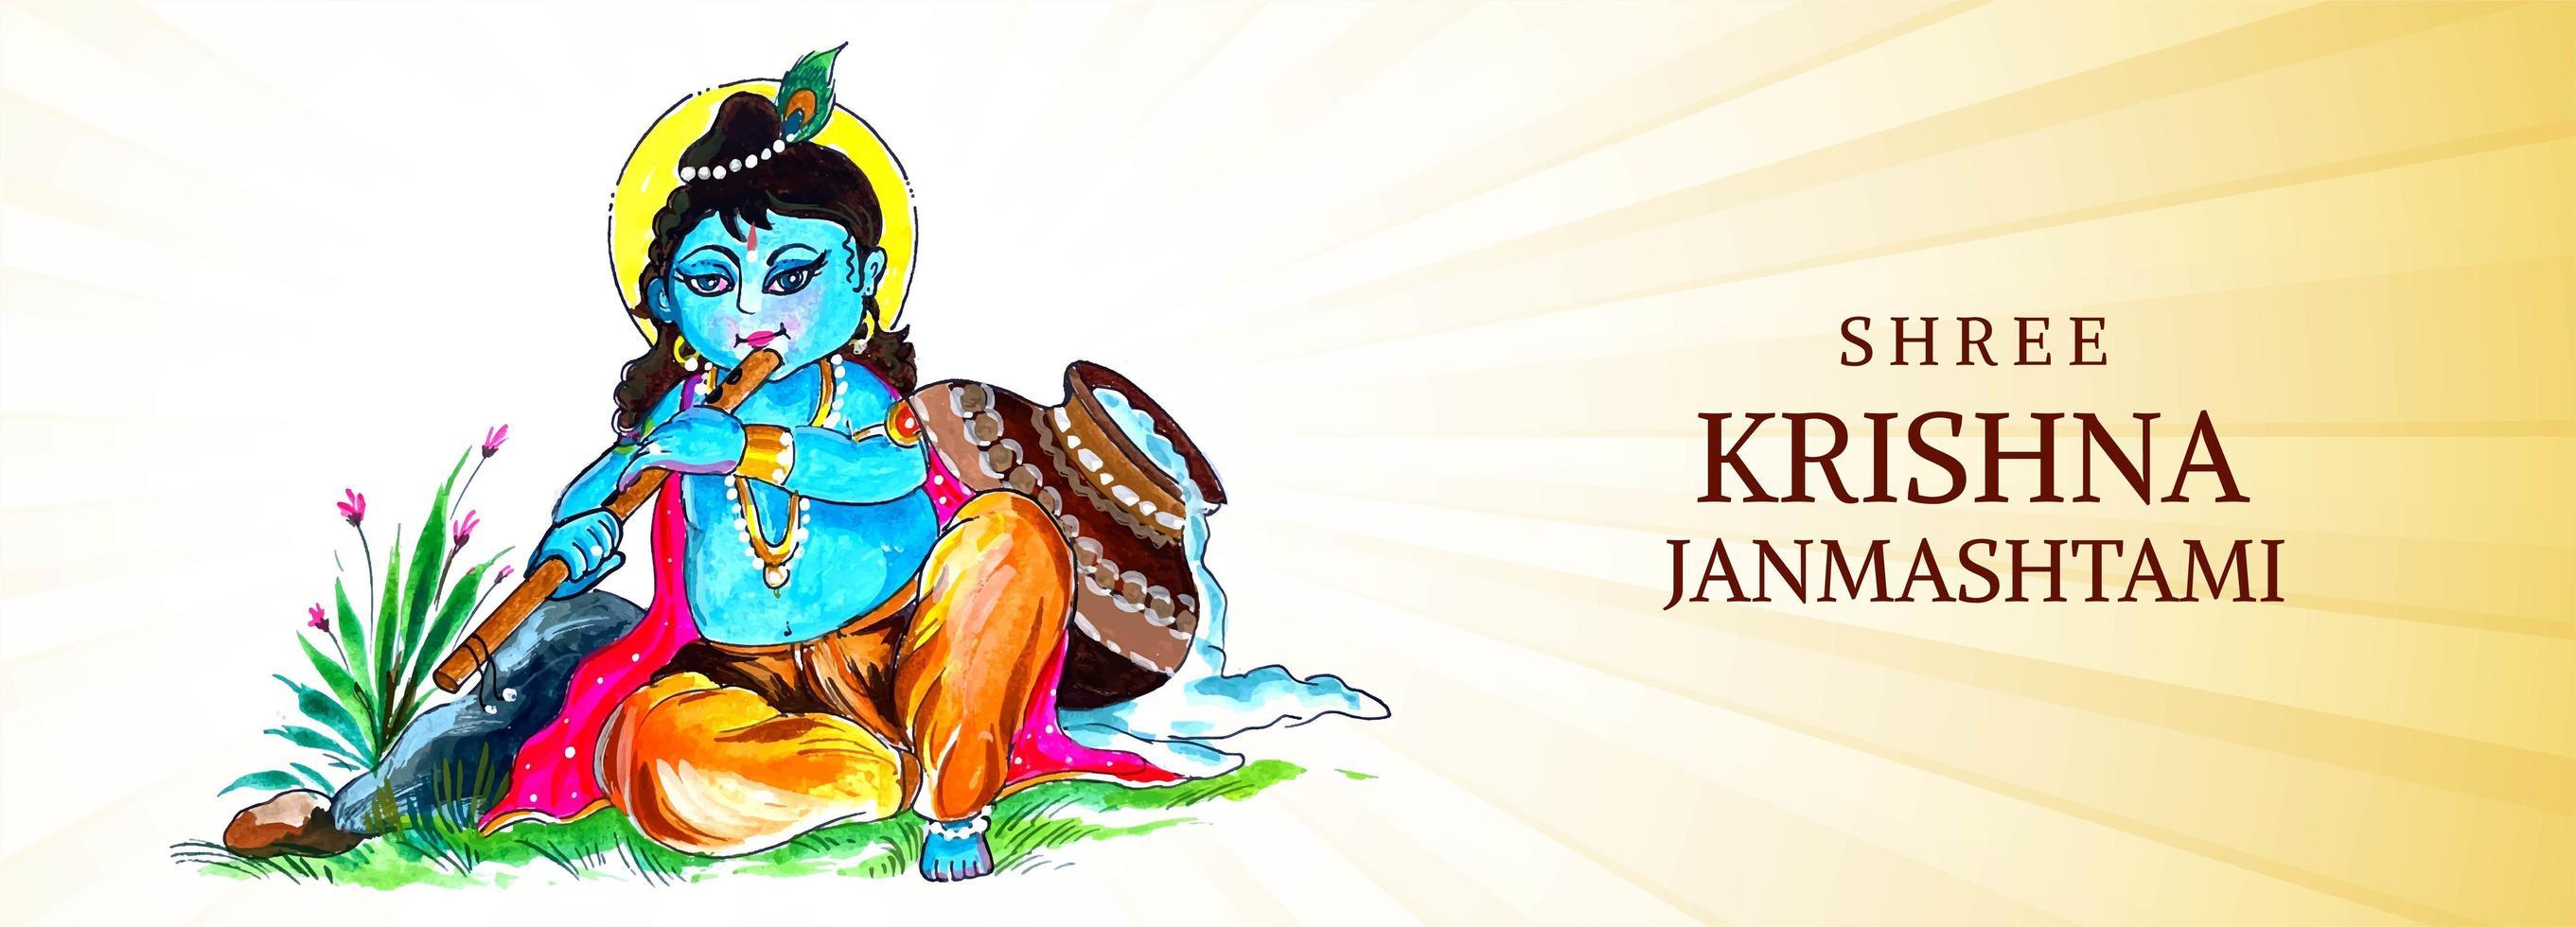 krishna feliz sentada e tocando flauta janmashtami banner festival vetor